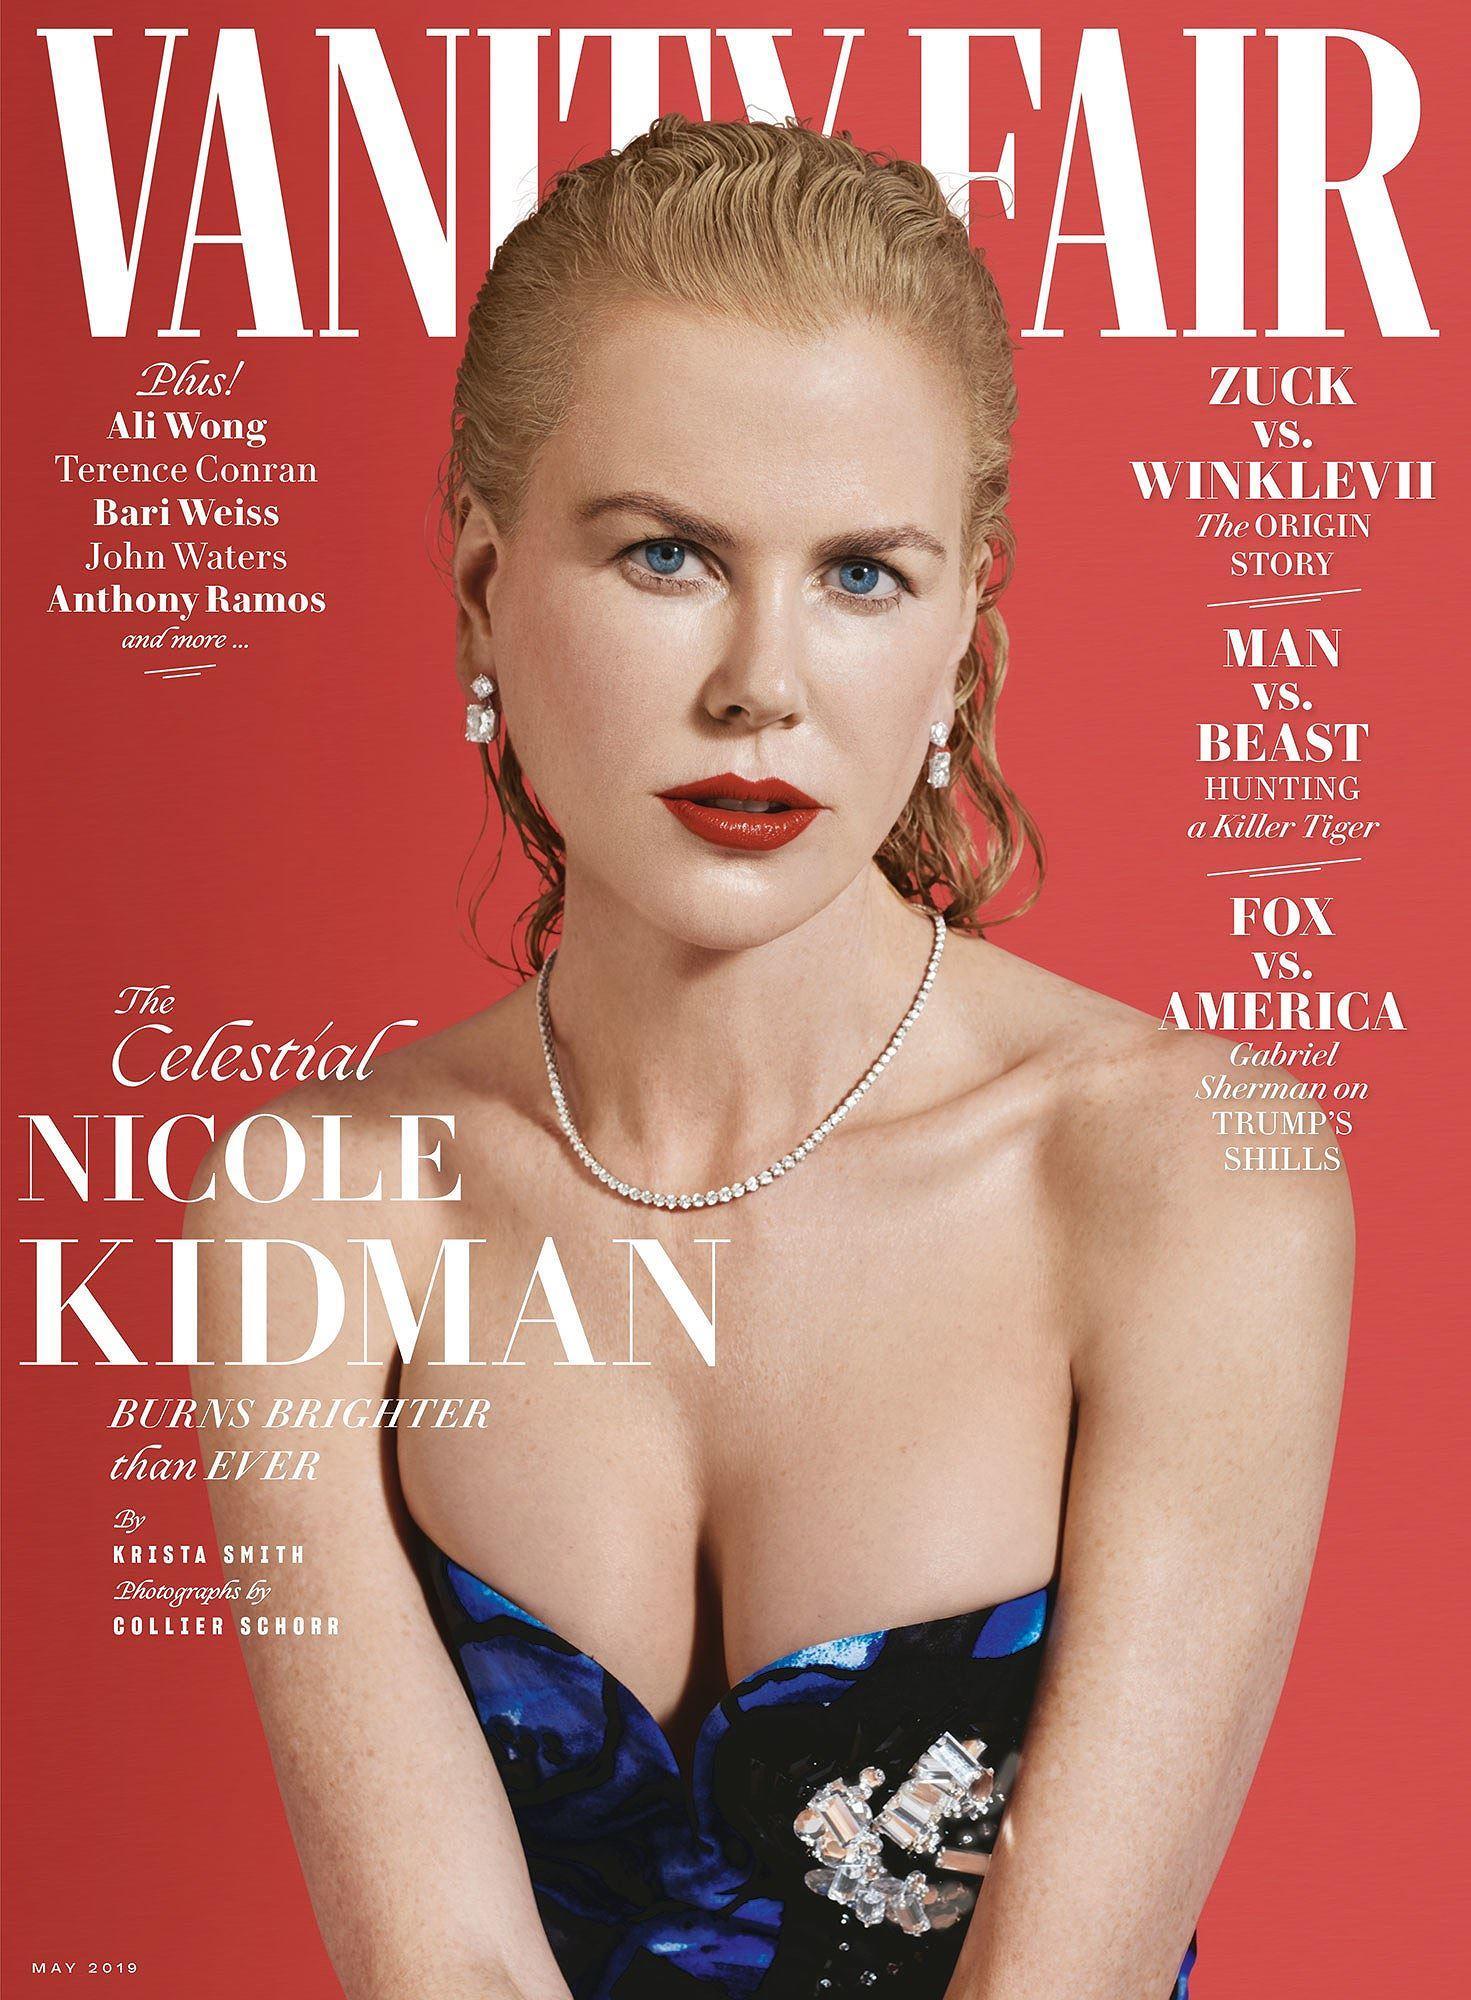 Ngỡ ngàng ngắm Nicole Kidman tóc tém, không nội y quá nóng bỏng Ảnh 1